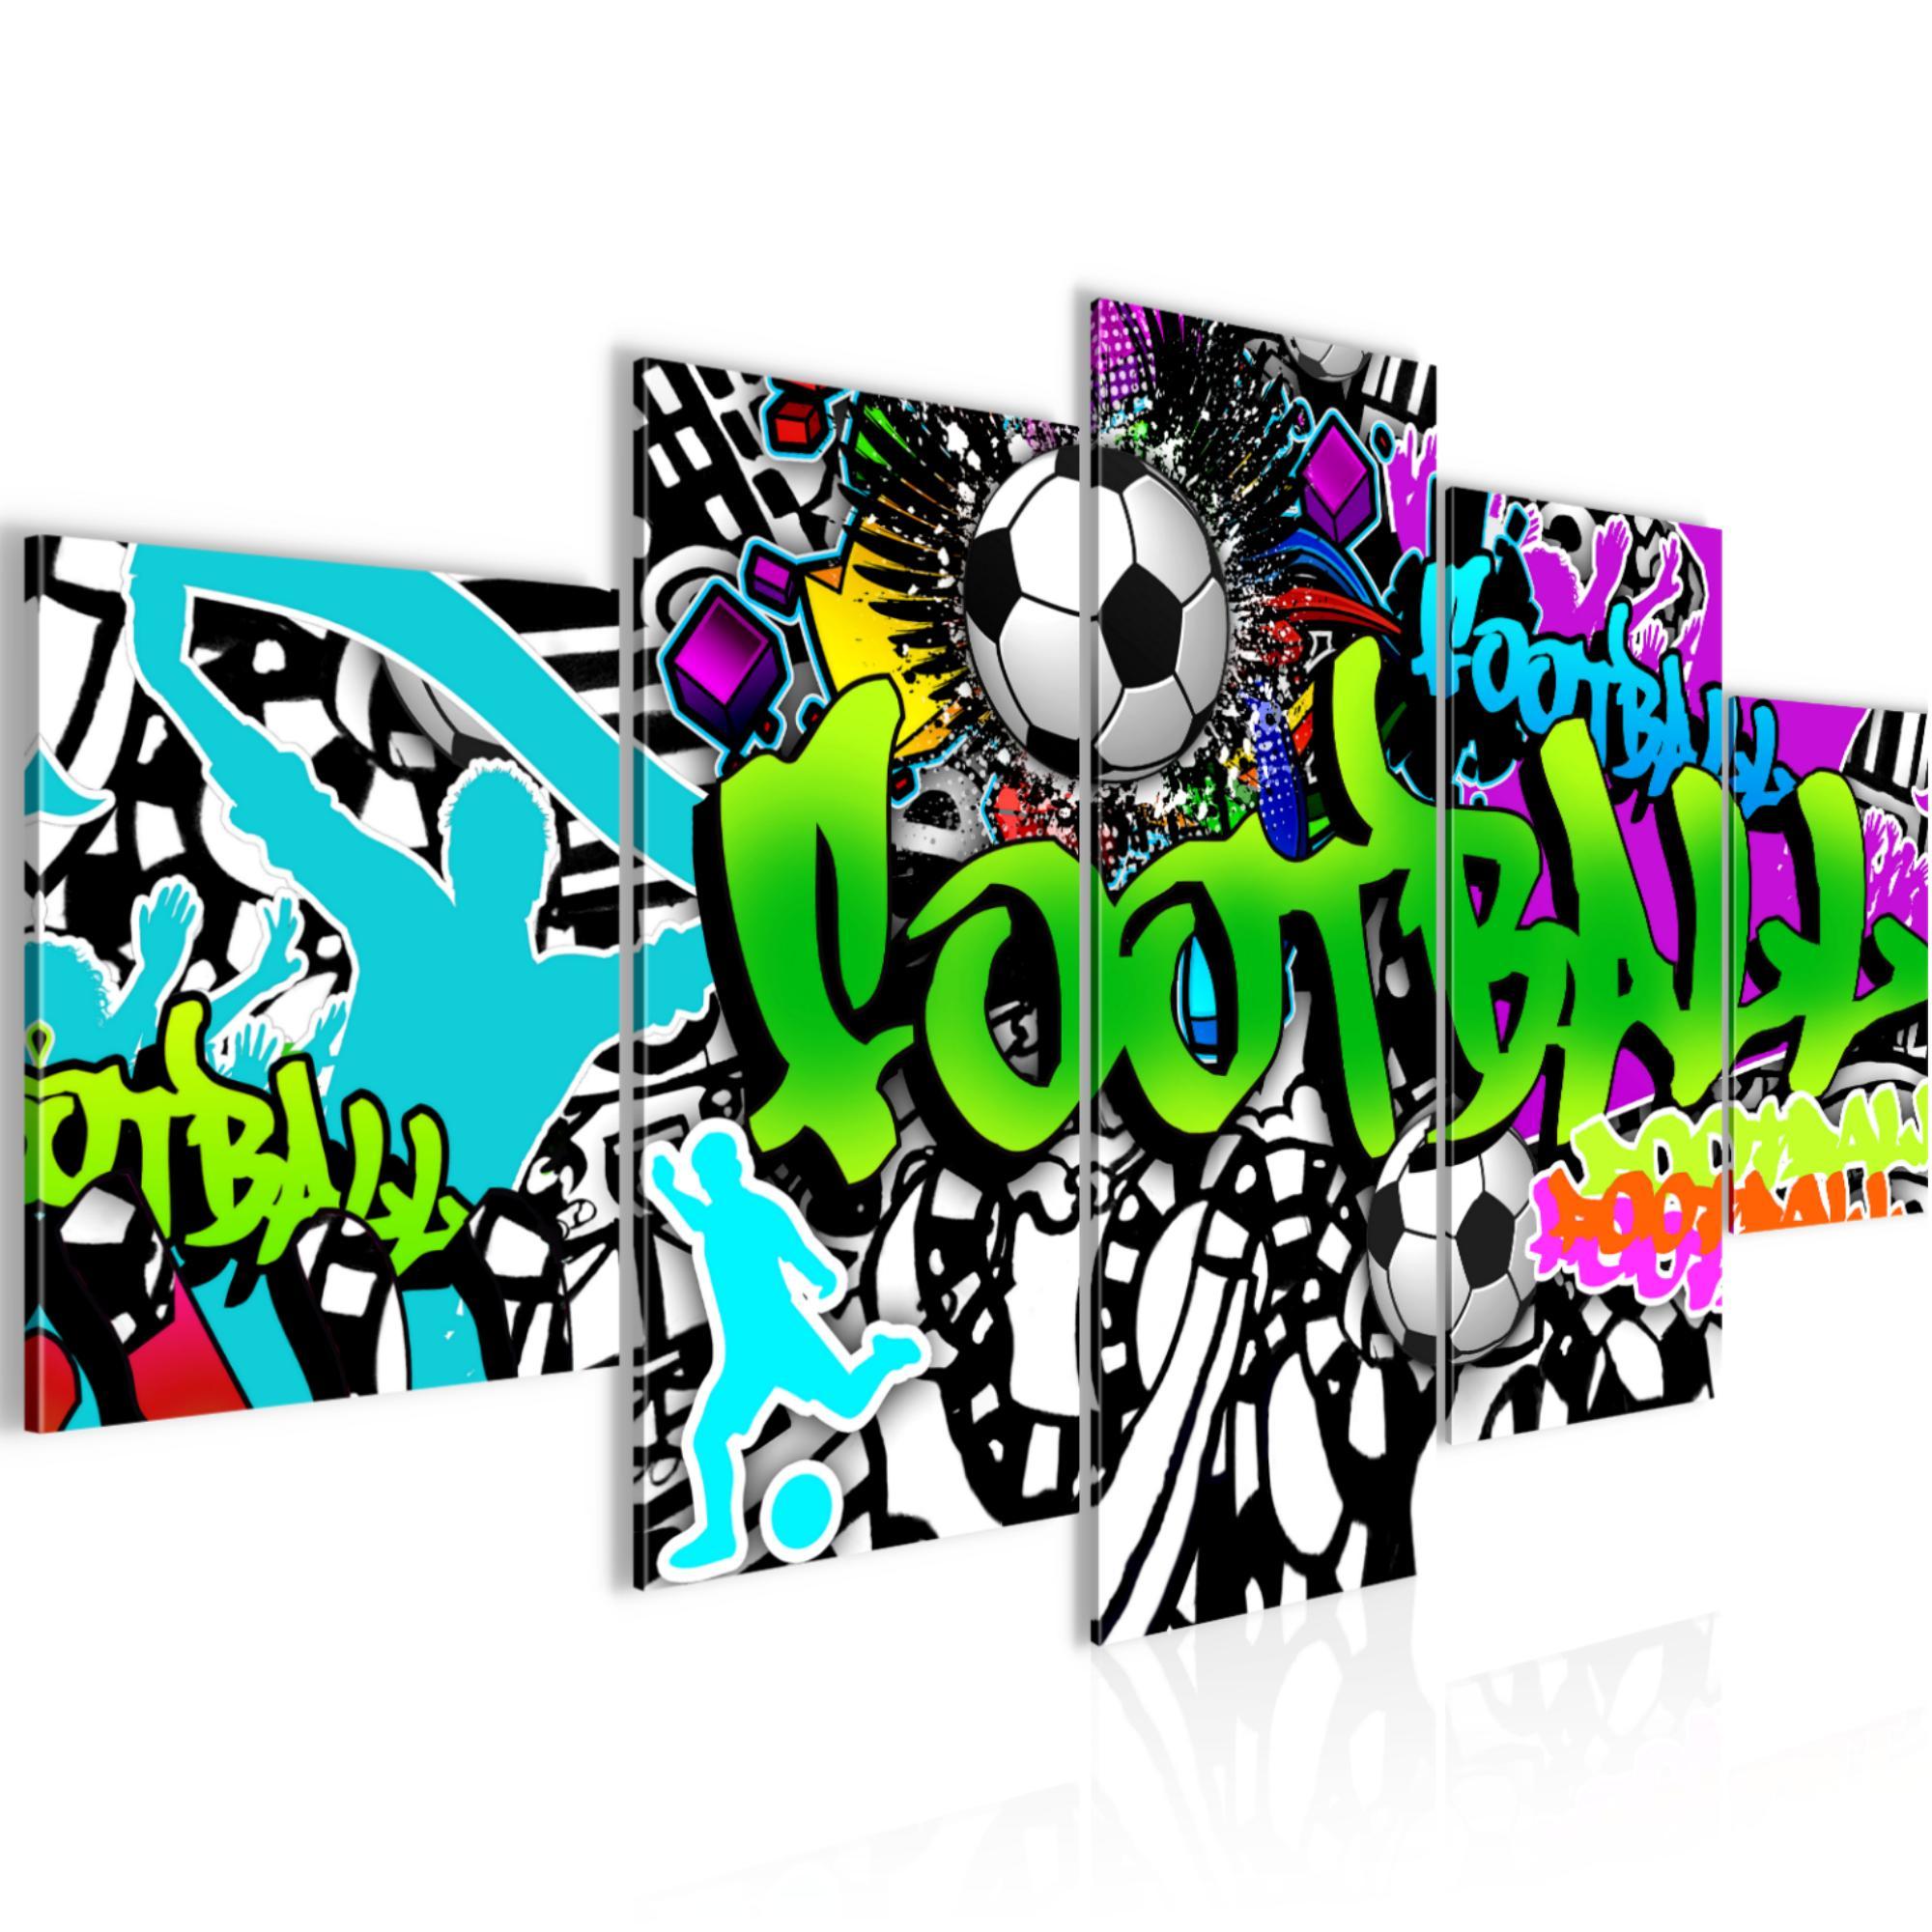 Fussball Graffiti Bild Kunstdruck Auf Vlies Leinwand Xxl Dekoration 40265p